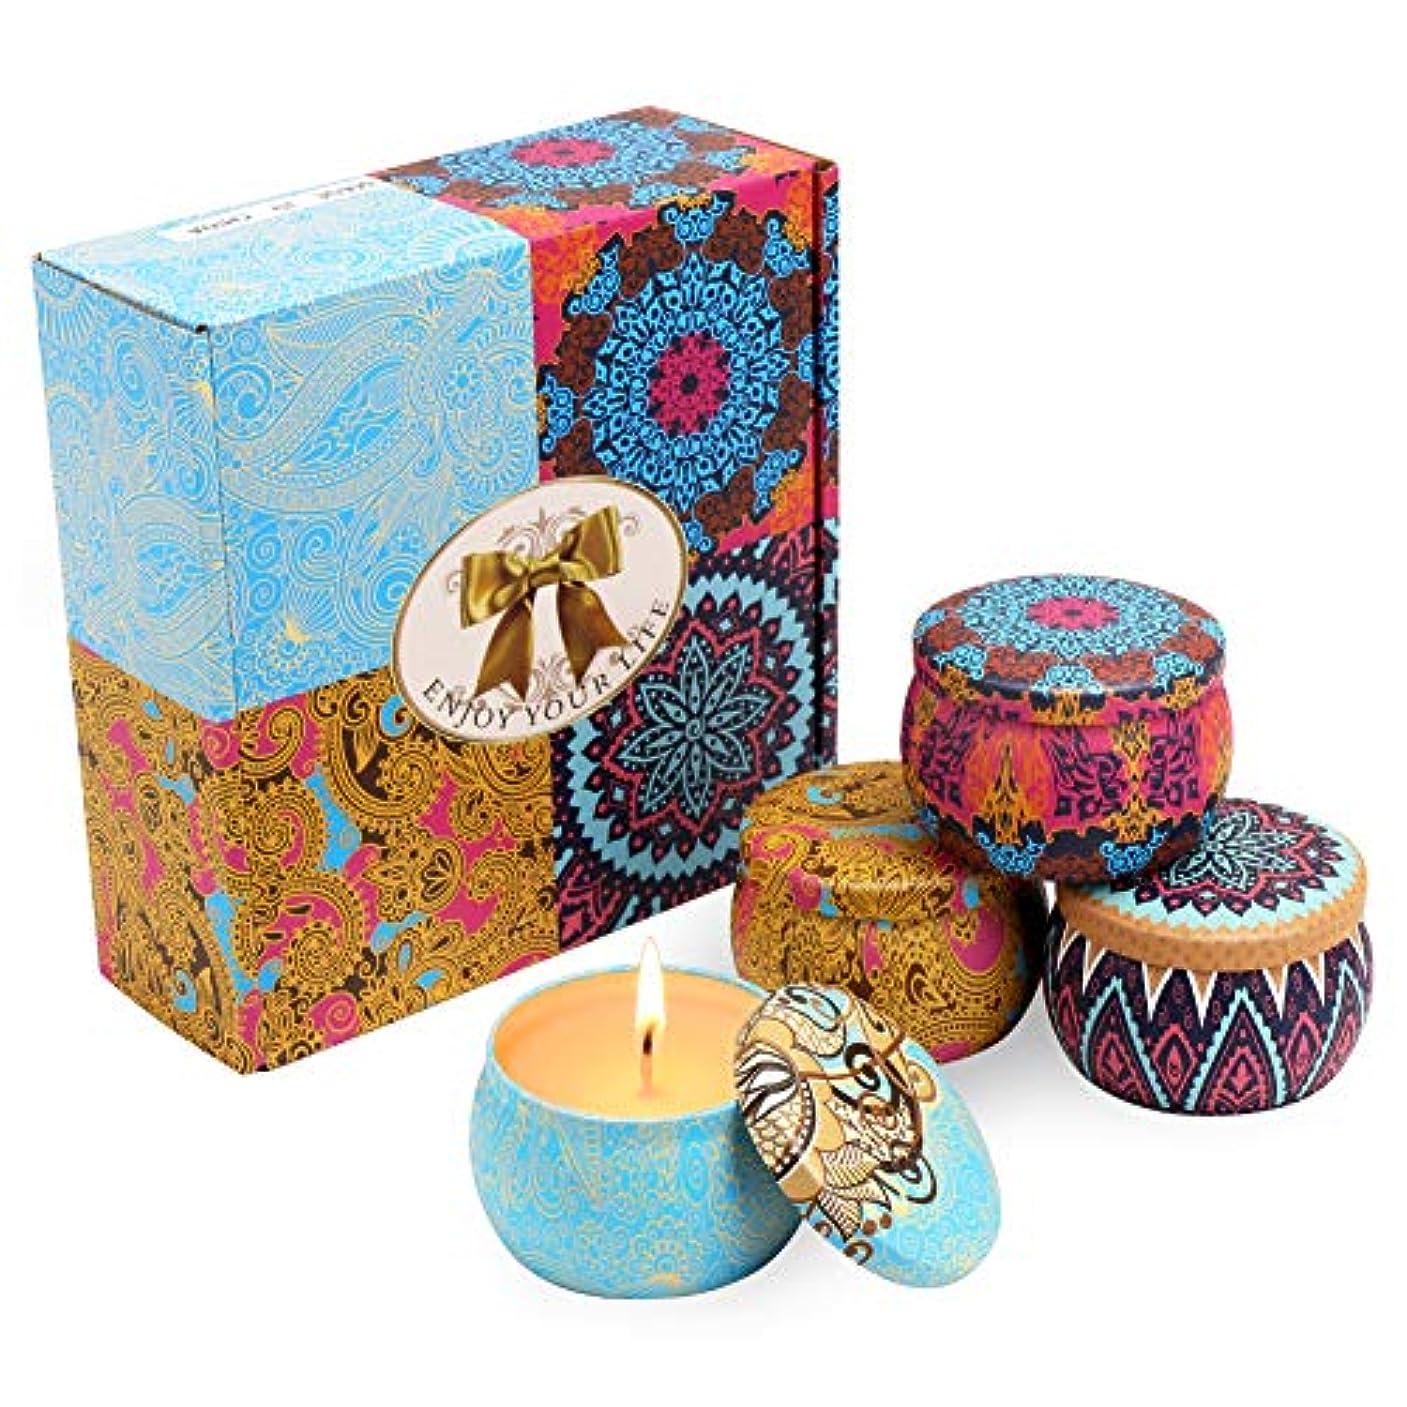 鳴らす咲く鎖アロマキャンドル MANLI ソイワックス 天然 大豆ワックス 4つ香り 果物の香り 4個セット キャンドル アロマテラピー ロウソク バレンタインデー プレゼント ロマンチック 結婚式 誕生日(四セット)